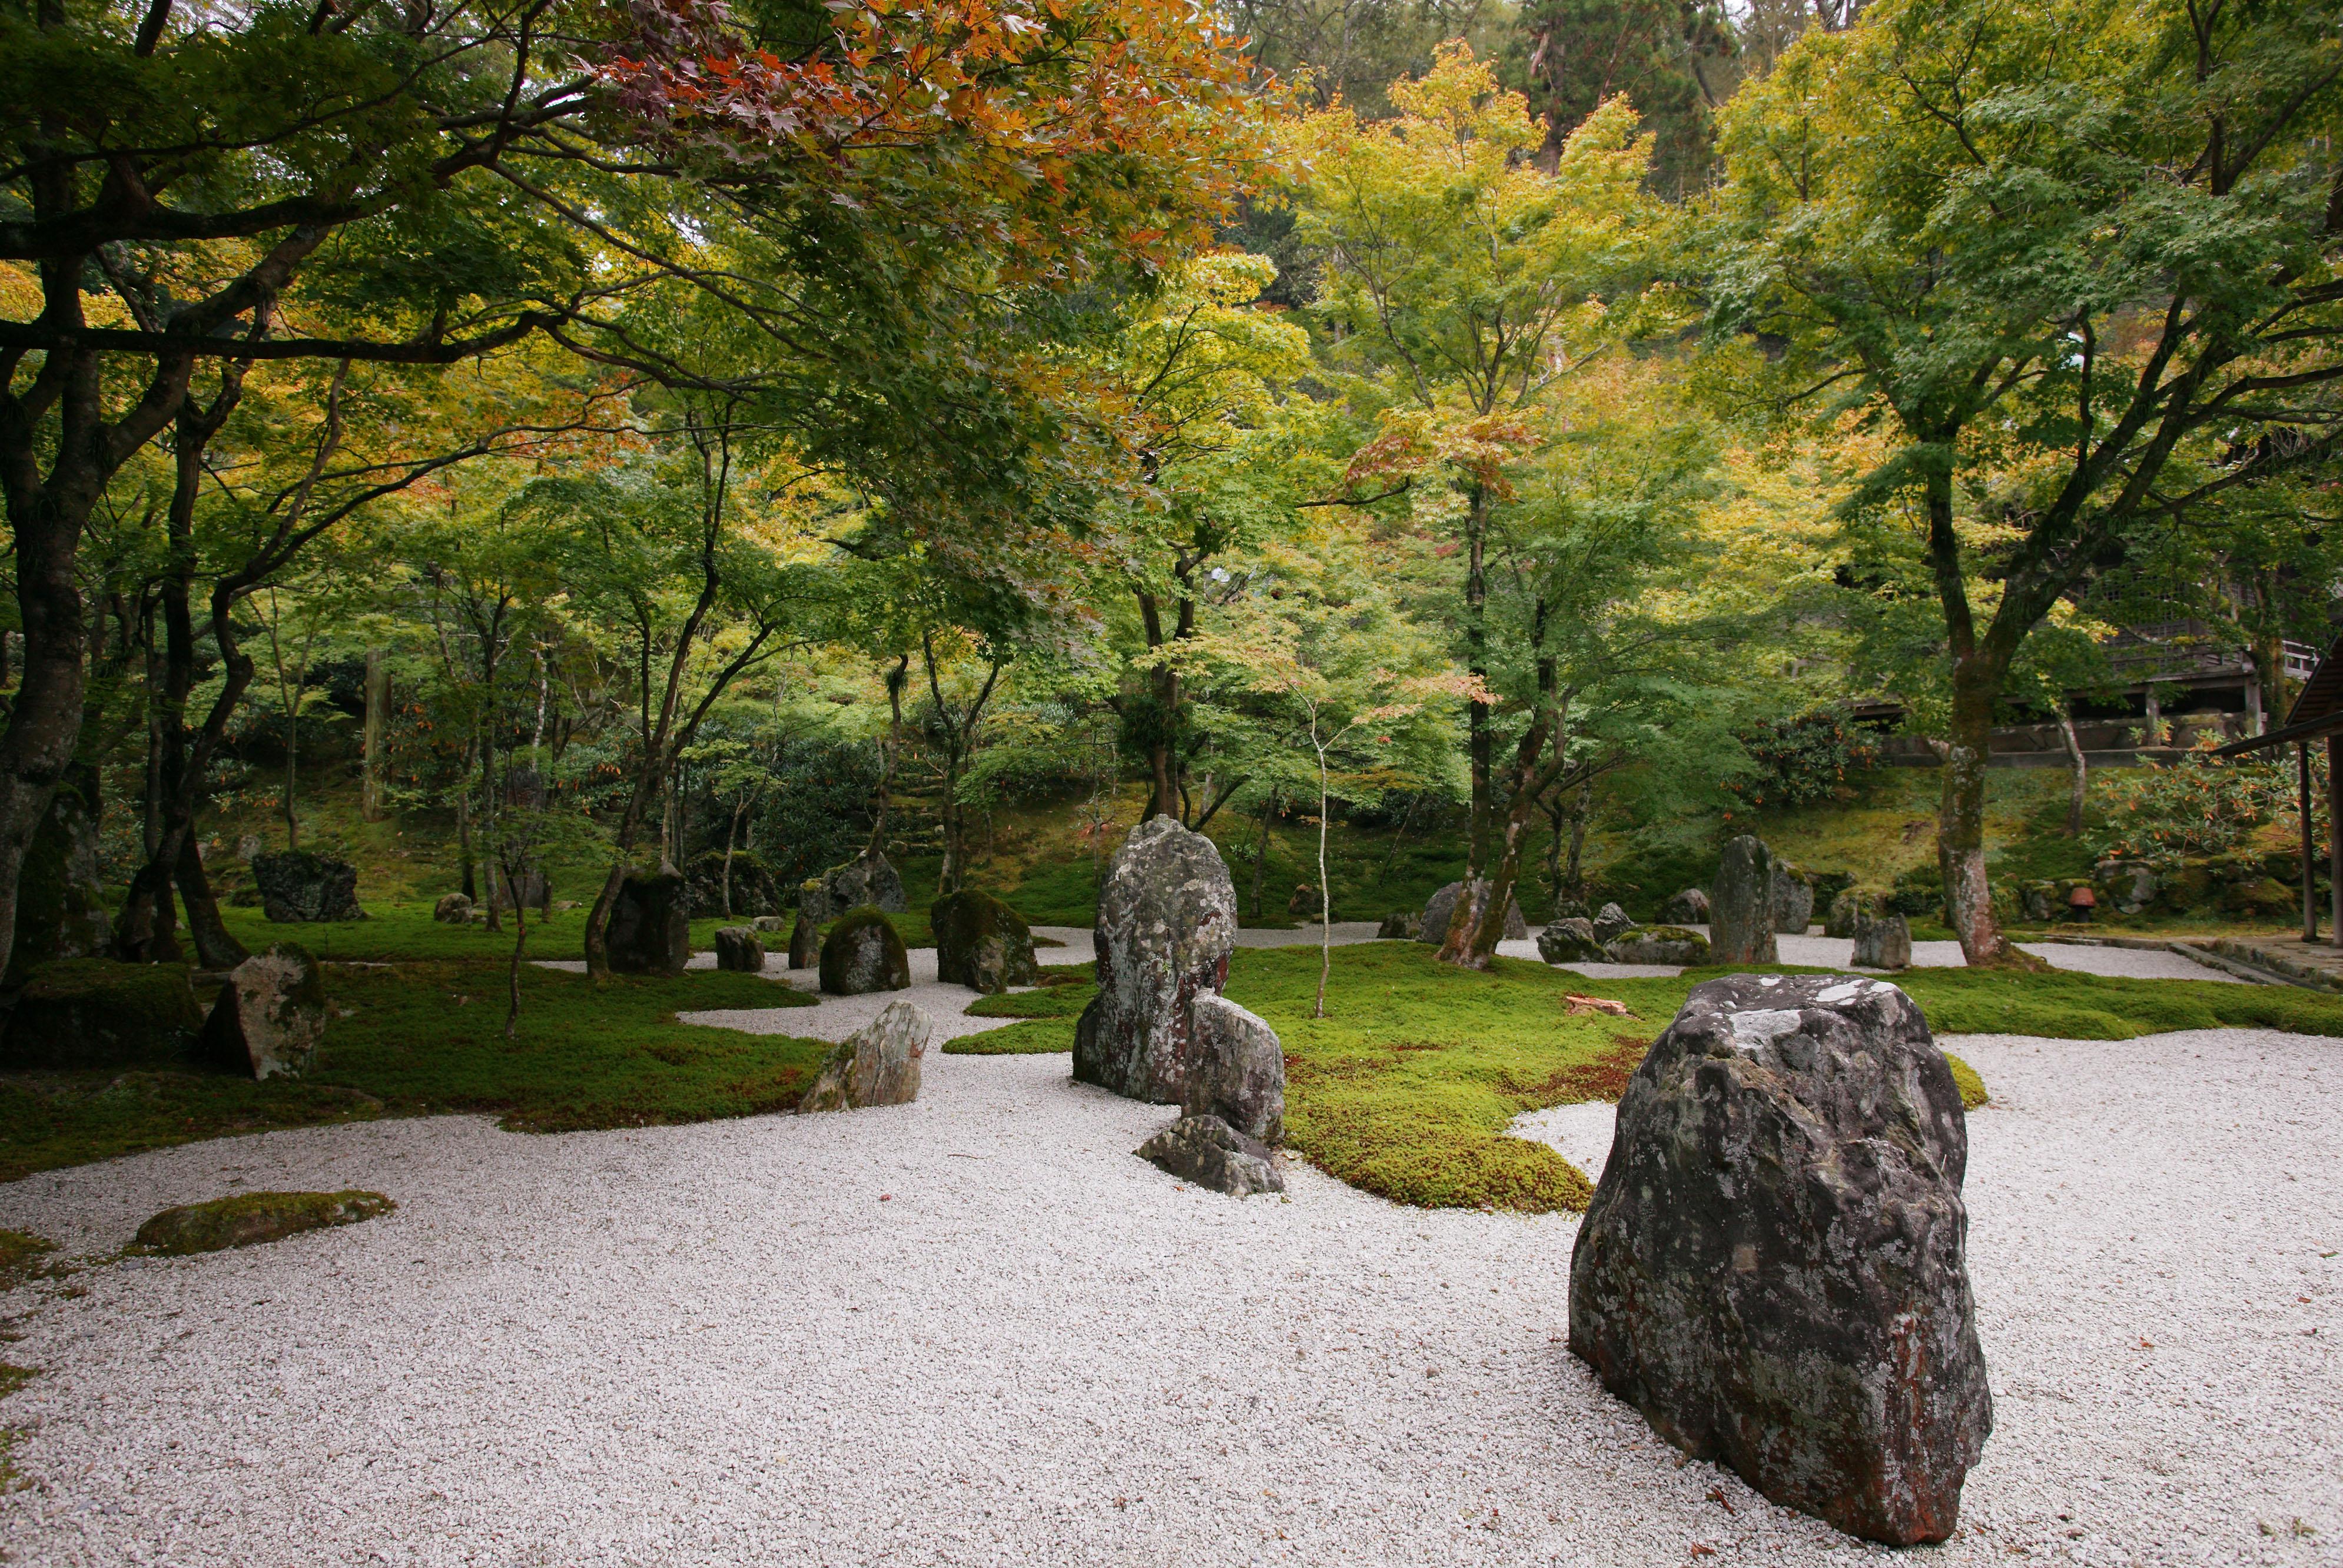 Zen Garden Wallpaper HD 50 Freetopwallpapercom 3980x2664